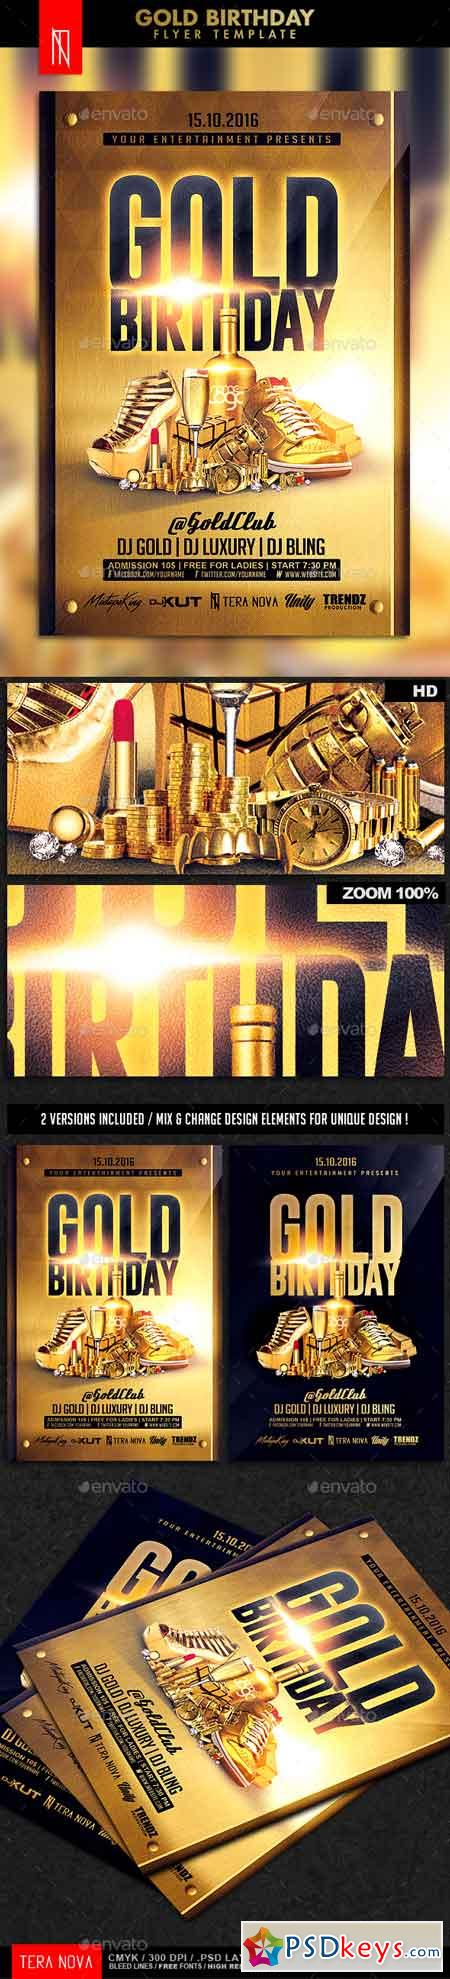 Gold Birthday Bling Bling Flyer Template